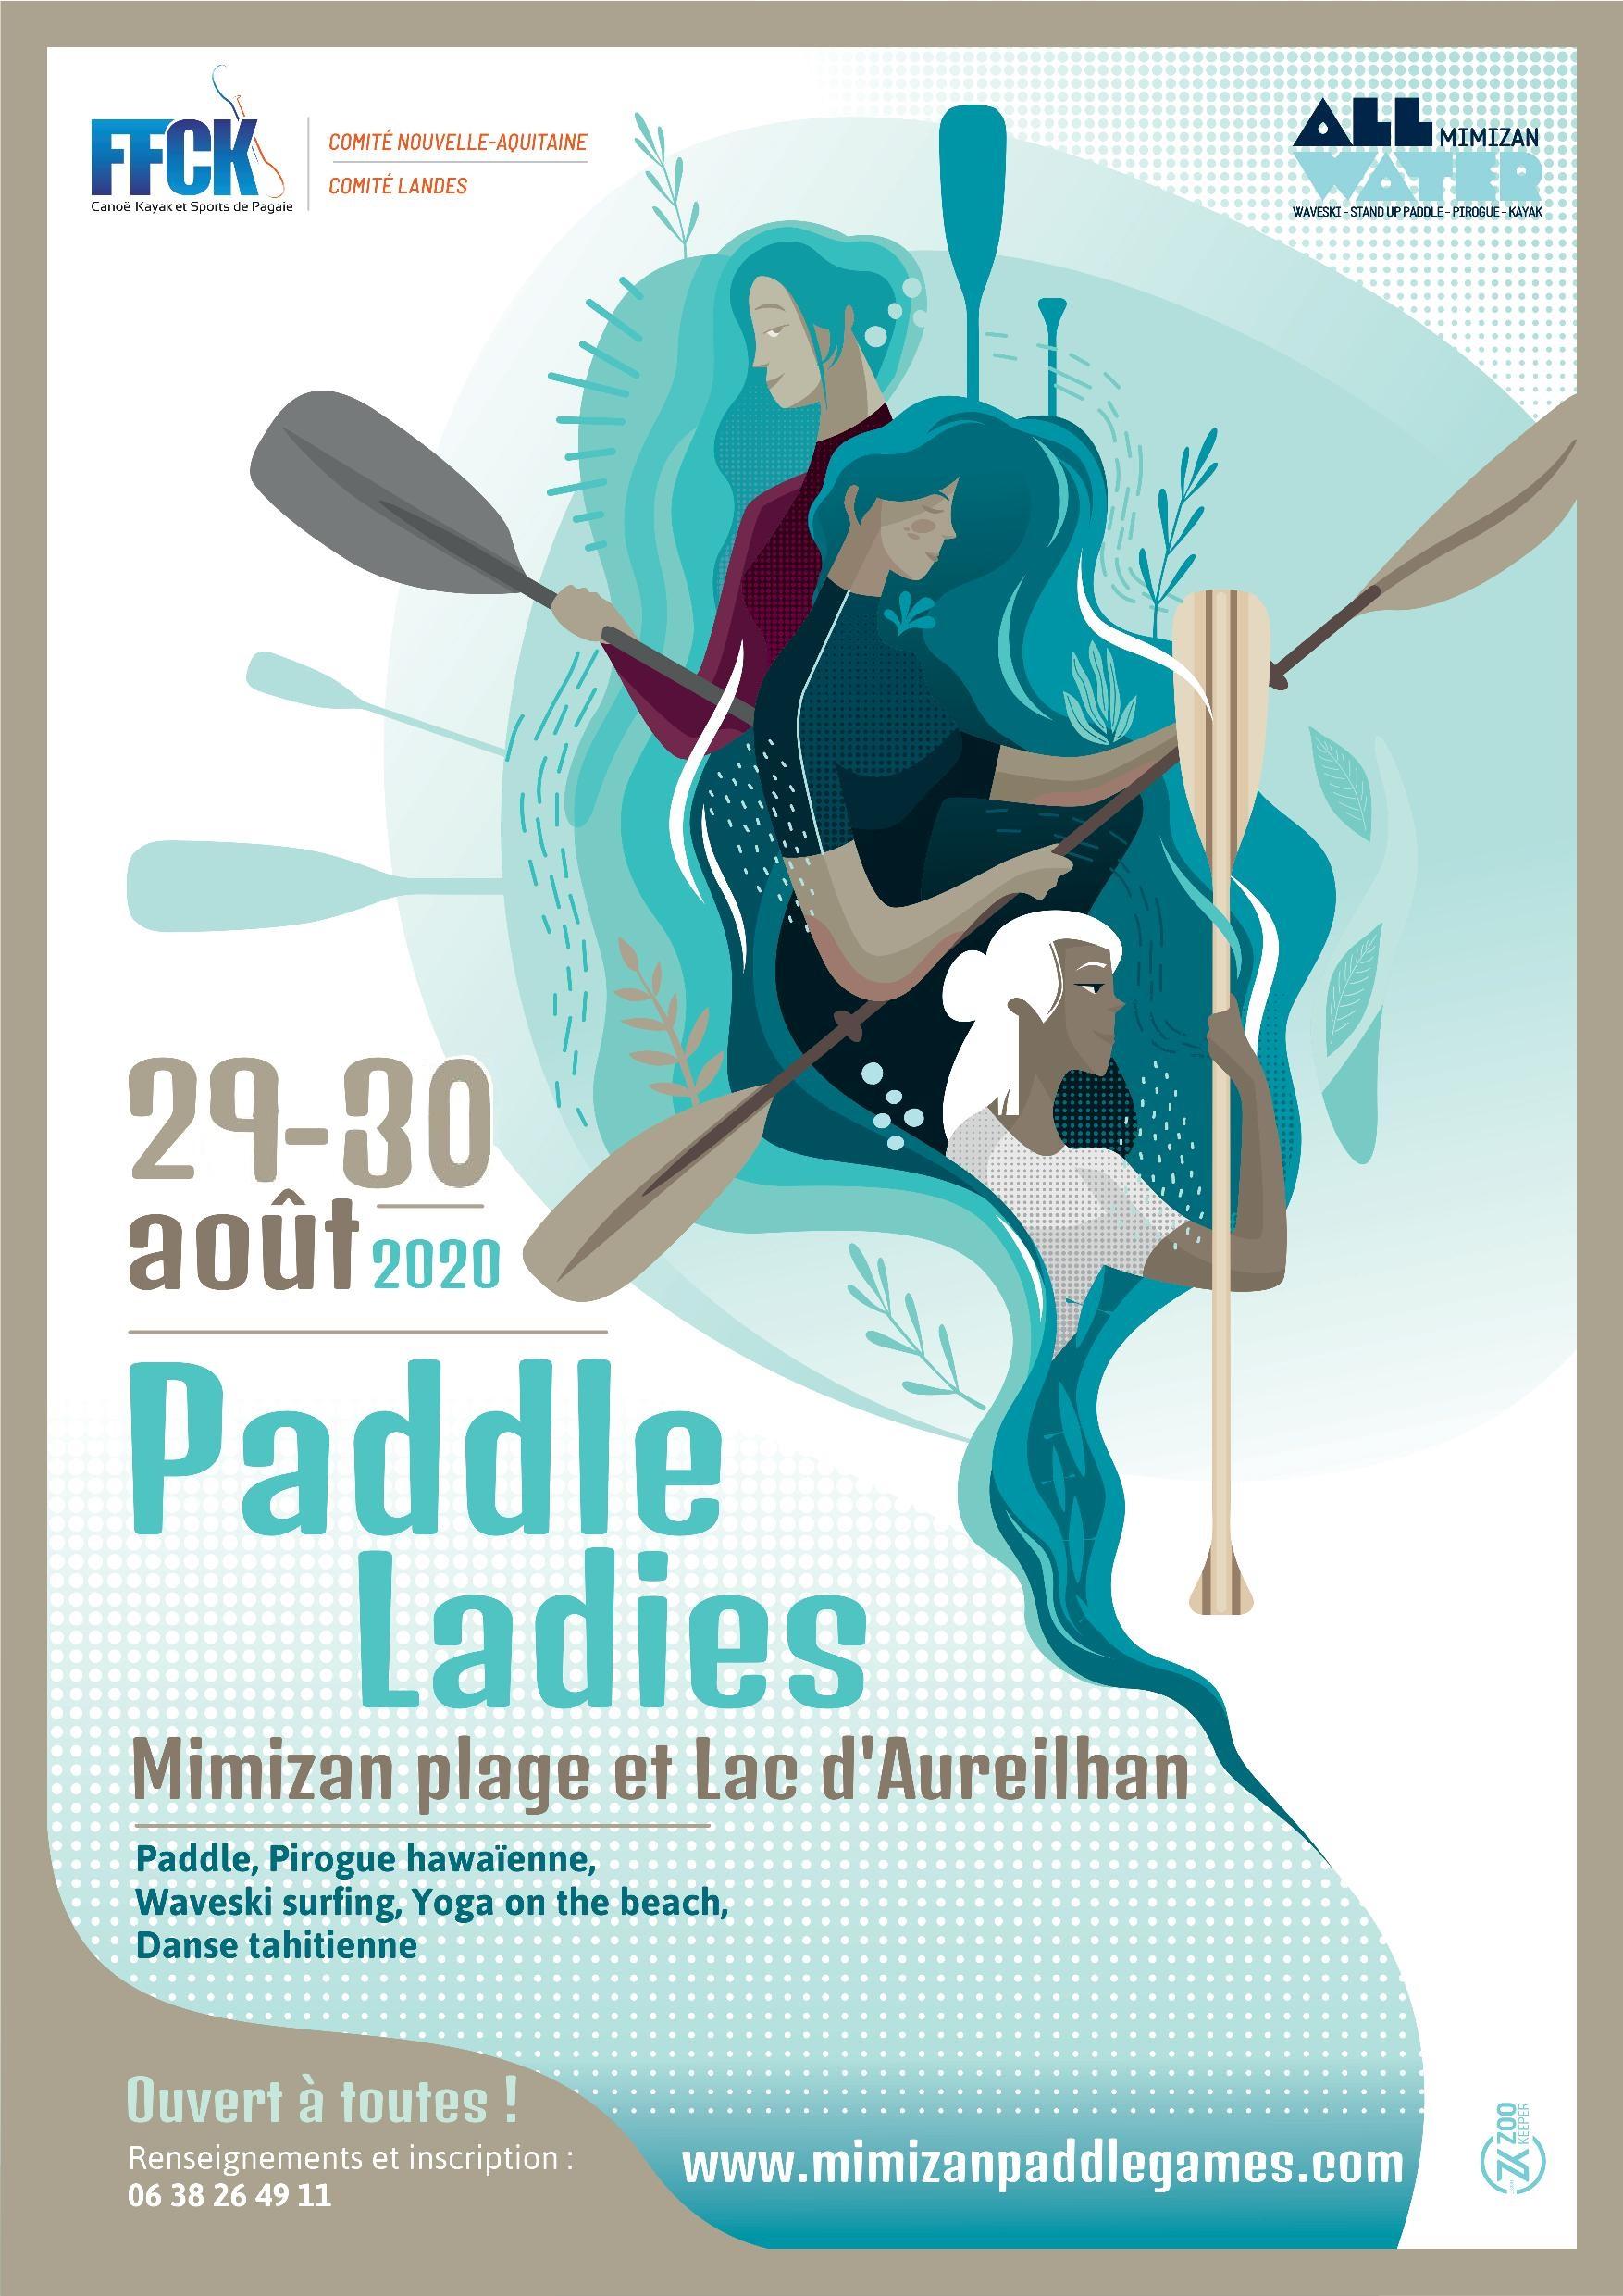 100% Féminin : sport, loisir, bien être, rendez-vous aux Paddle Ladies à Mimizan les 29 et 30 août